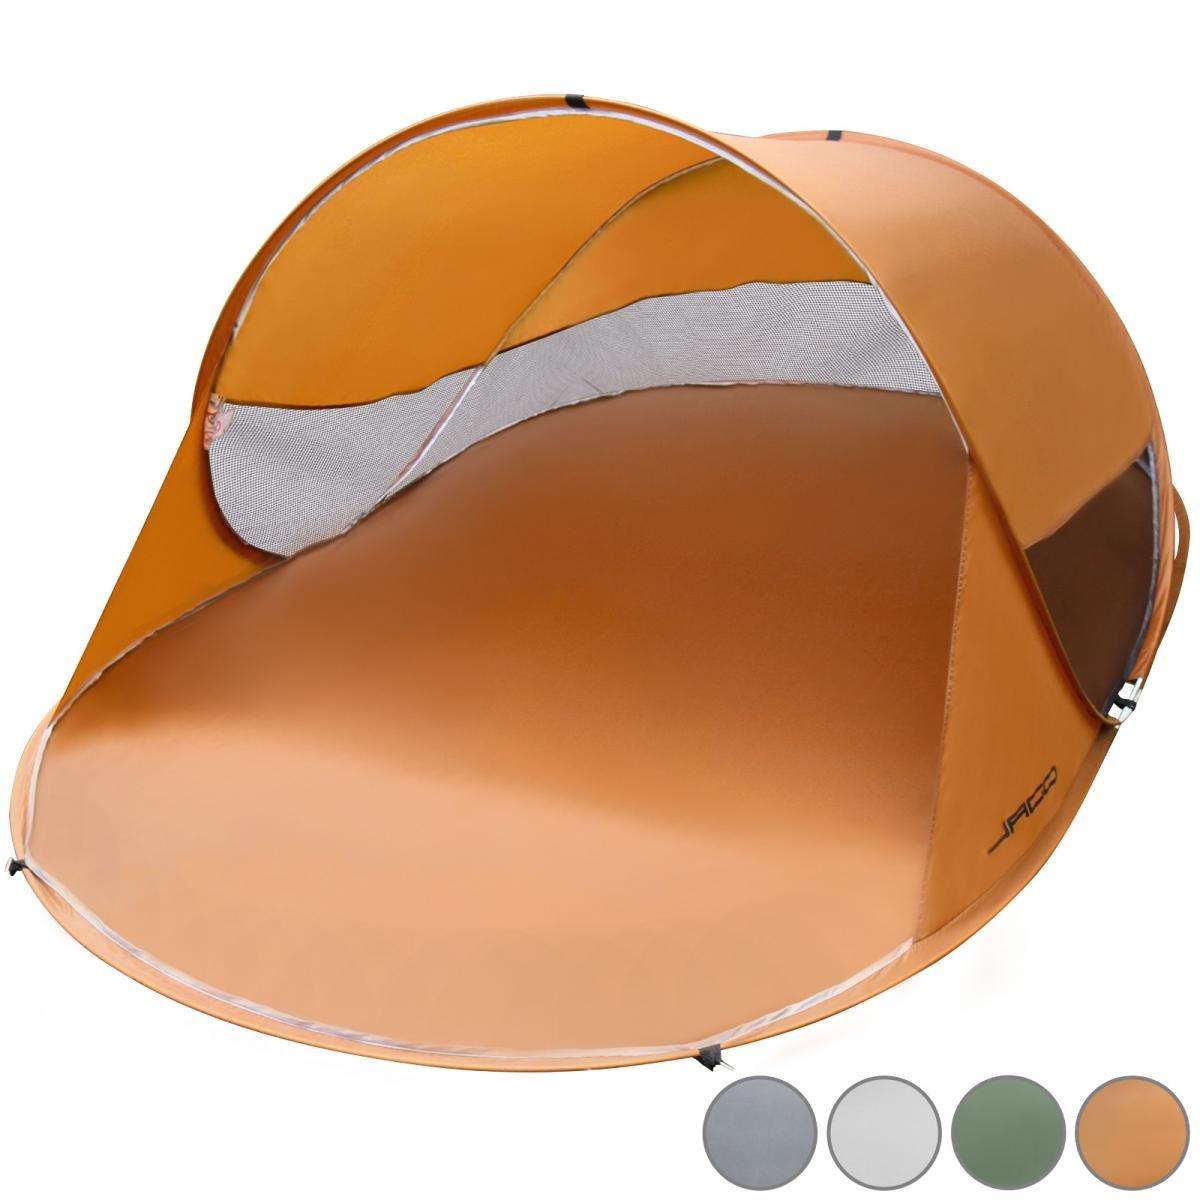 Jago Protection UV Tente Pop Up 2personnes jardin extérieur Camping Pique-nique Abri de plage vert 220x 145x 110cm FF Europe 62662